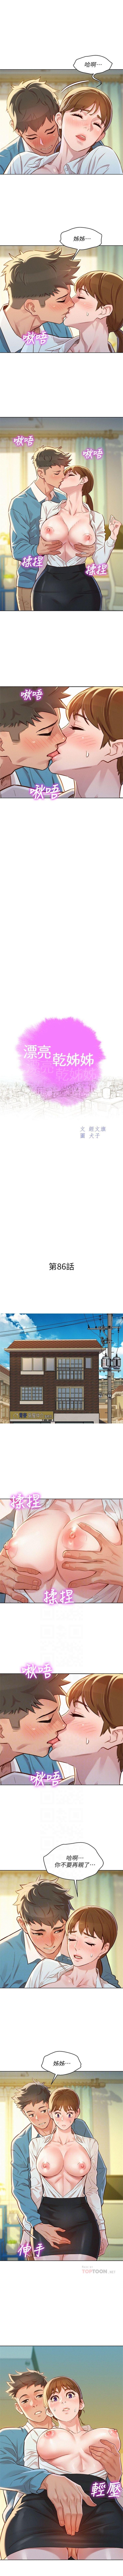 (週7)漂亮幹姐姐  1-92 中文翻譯 (更新中) 489